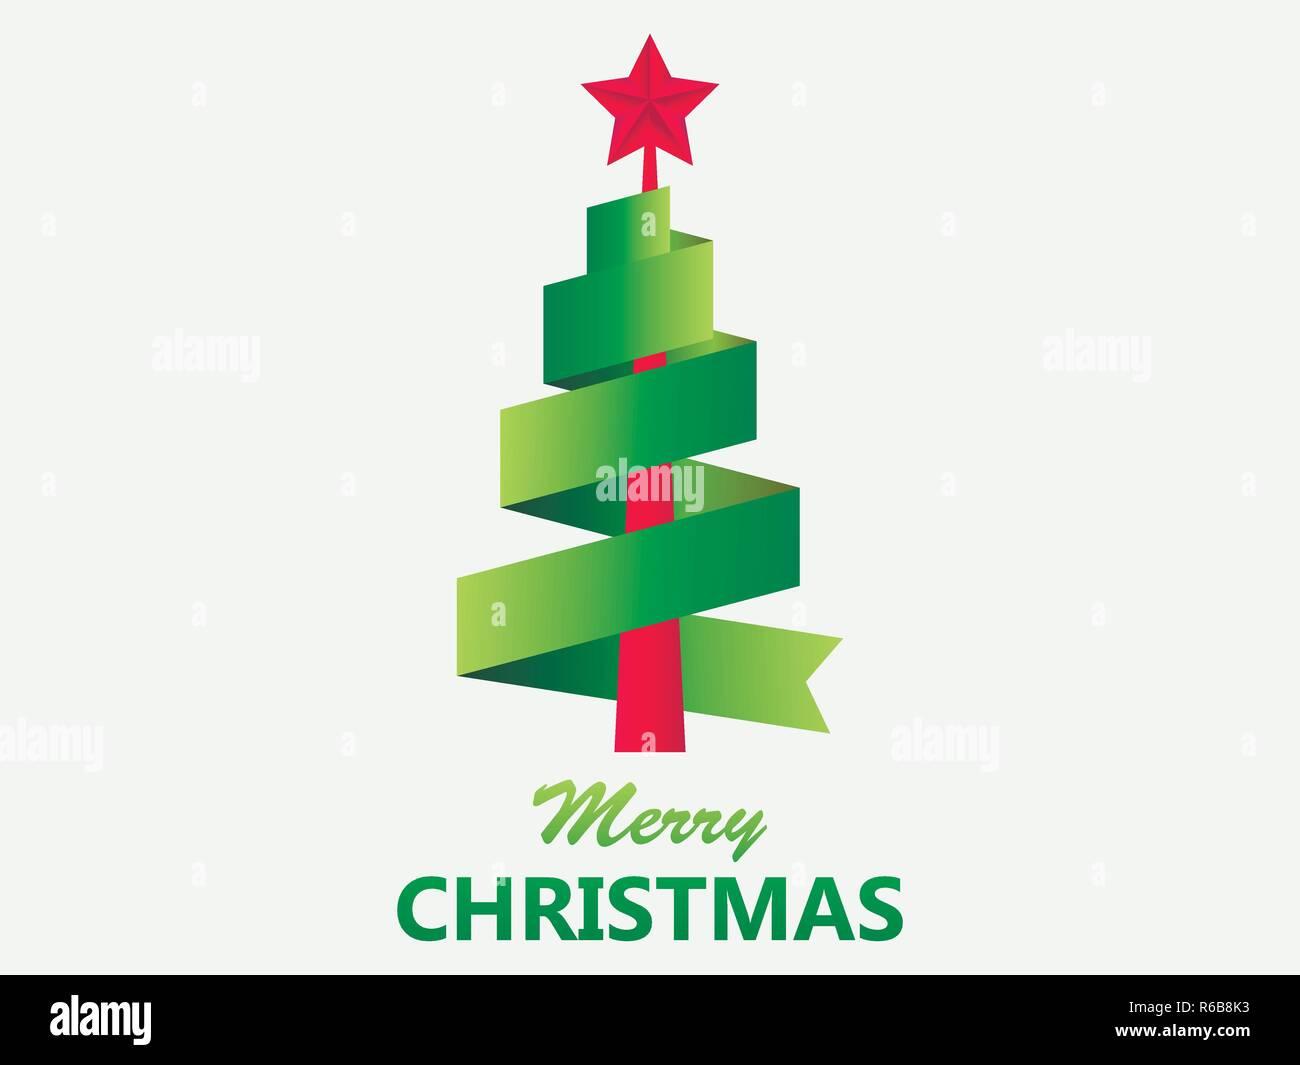 Stern Frohe Weihnachten.Frohe Weihnachten Grusskarte Weihnachtsbaum Aus Band Mit